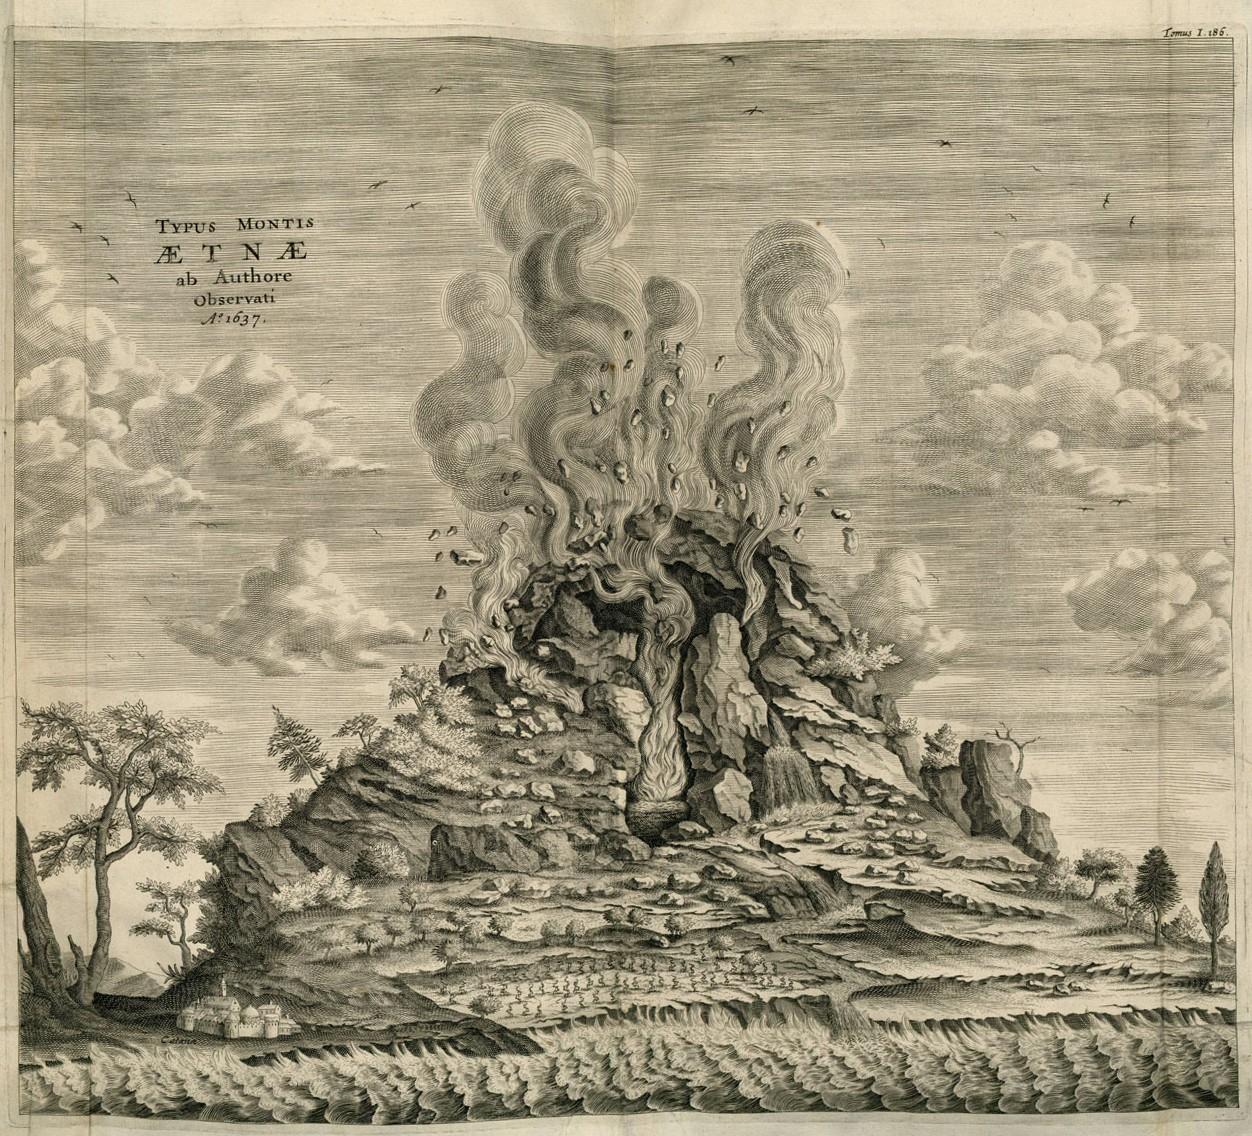 File:Kircher Mundus Subterraneus Etna 1637.jpg